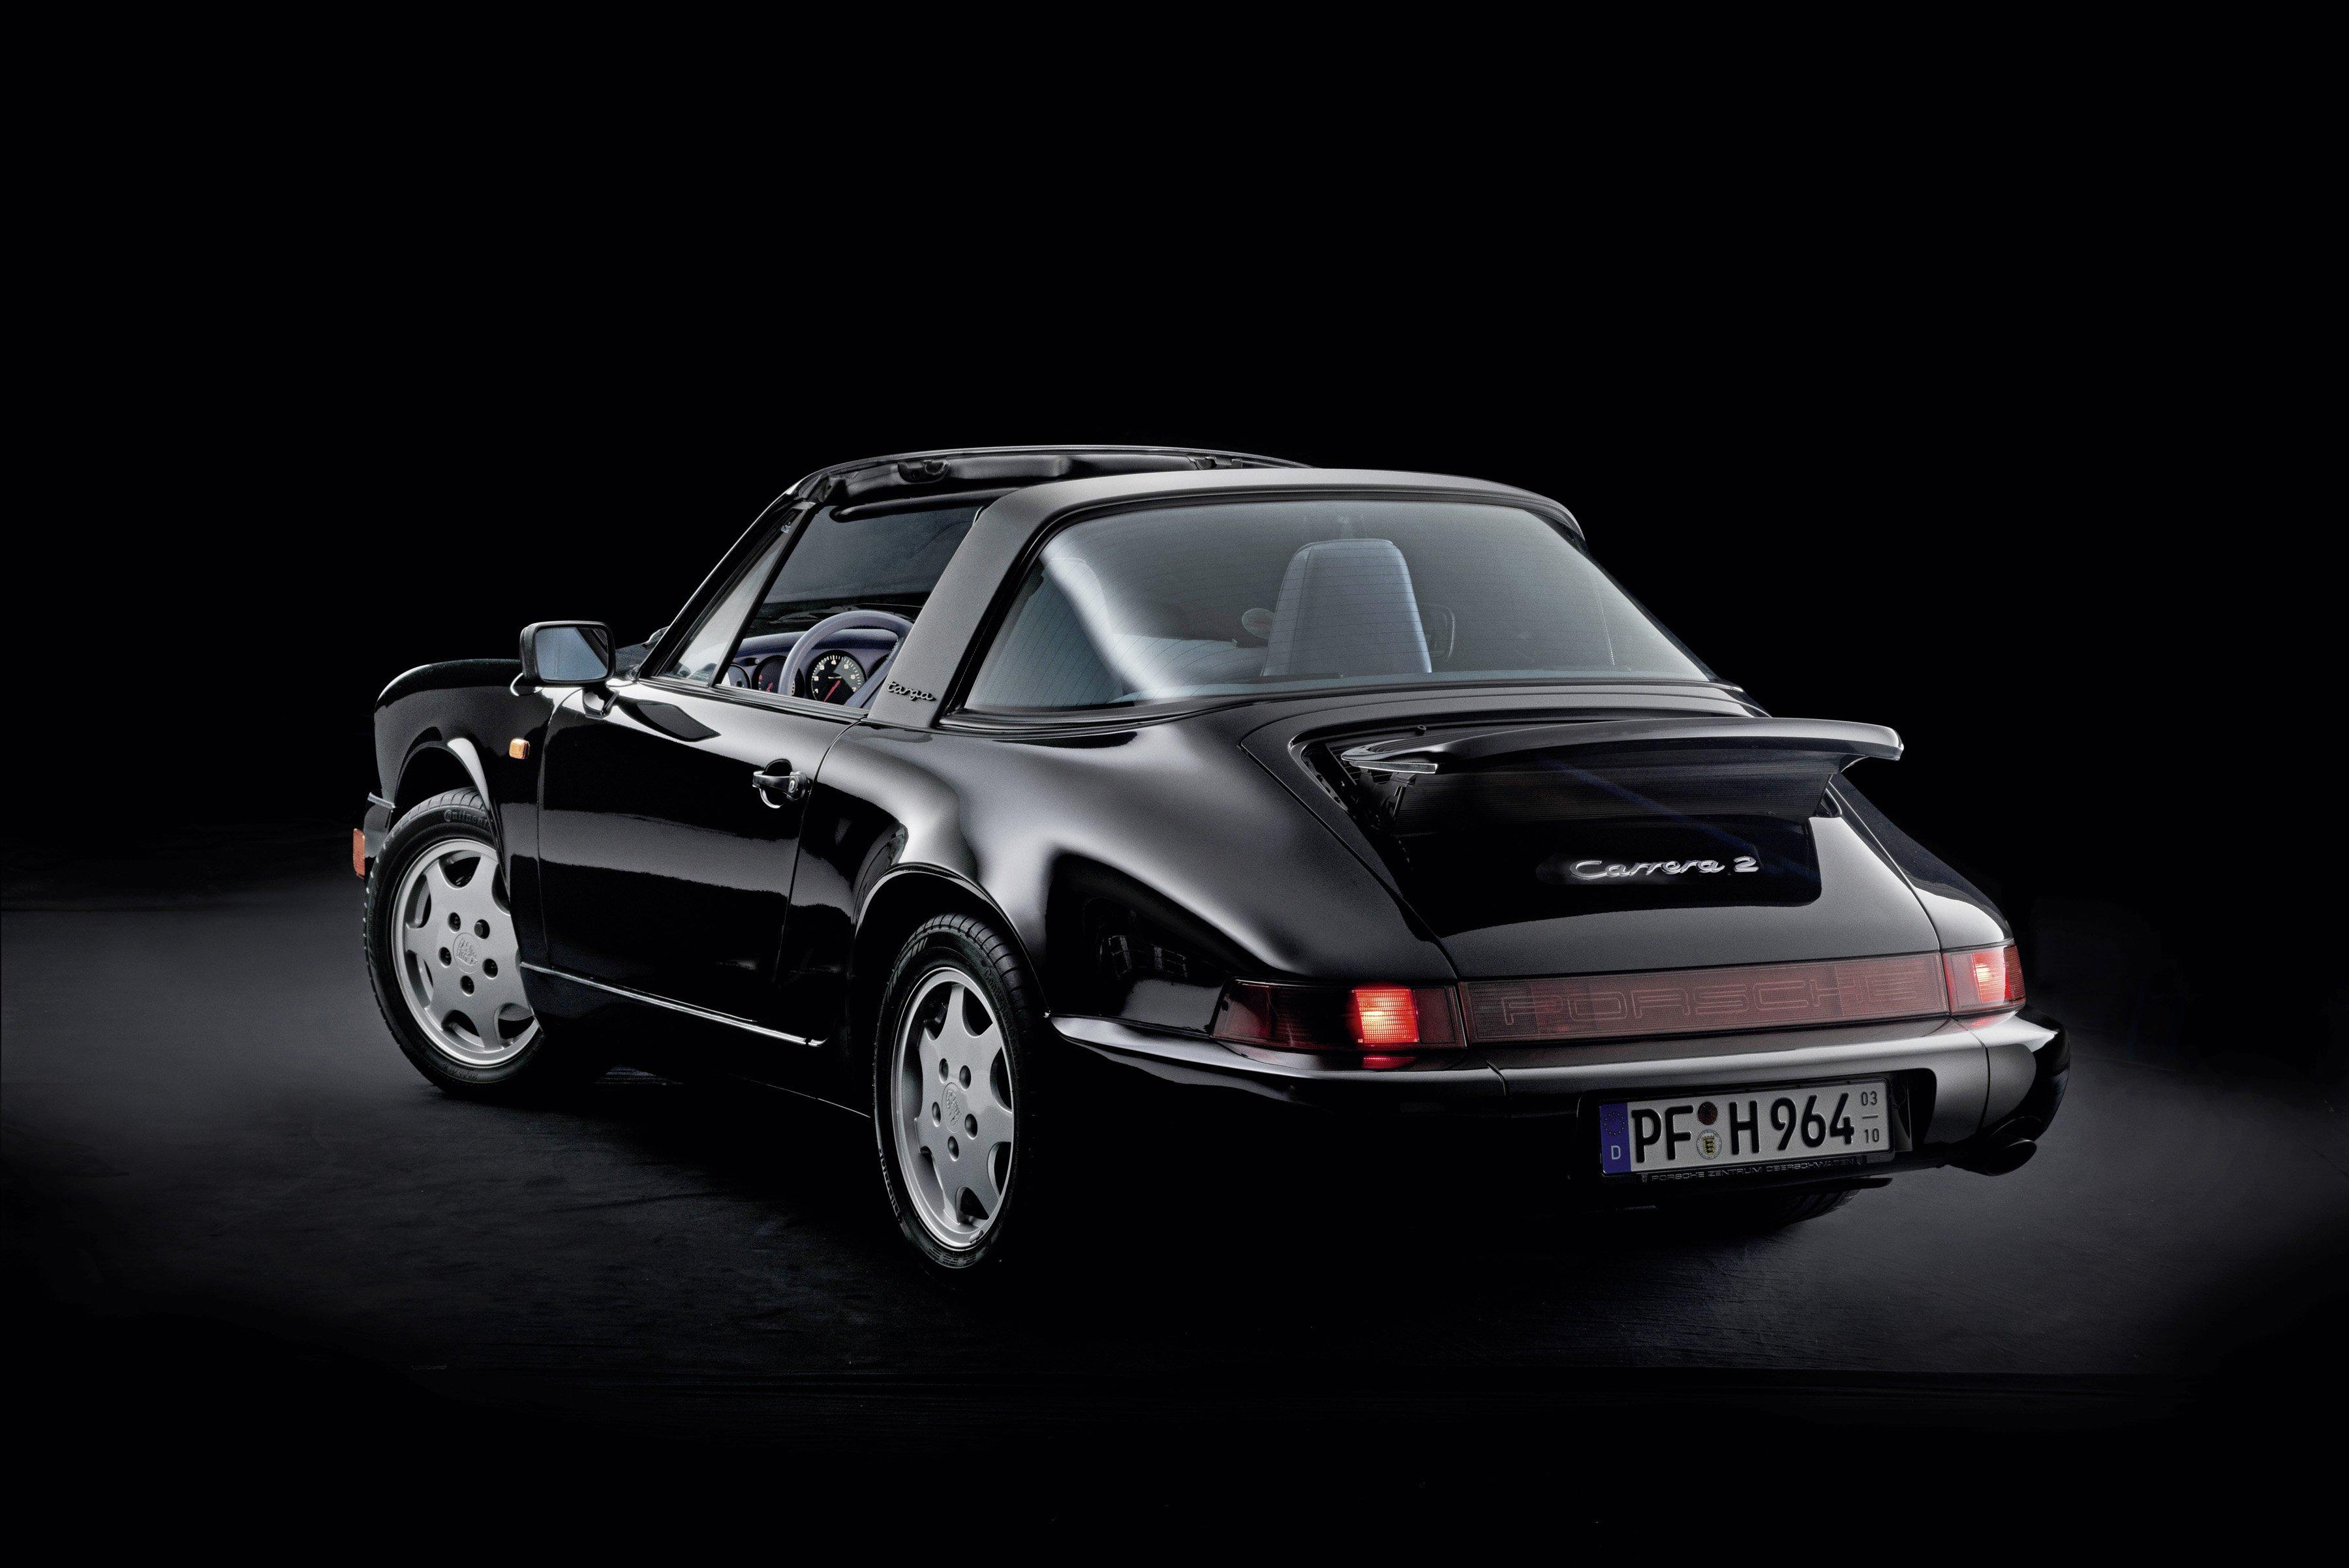 The Cars 2 Wallpaper 1993 Porsche 911 Carrera 2 Targa 964 Wallpaper 3600x2403